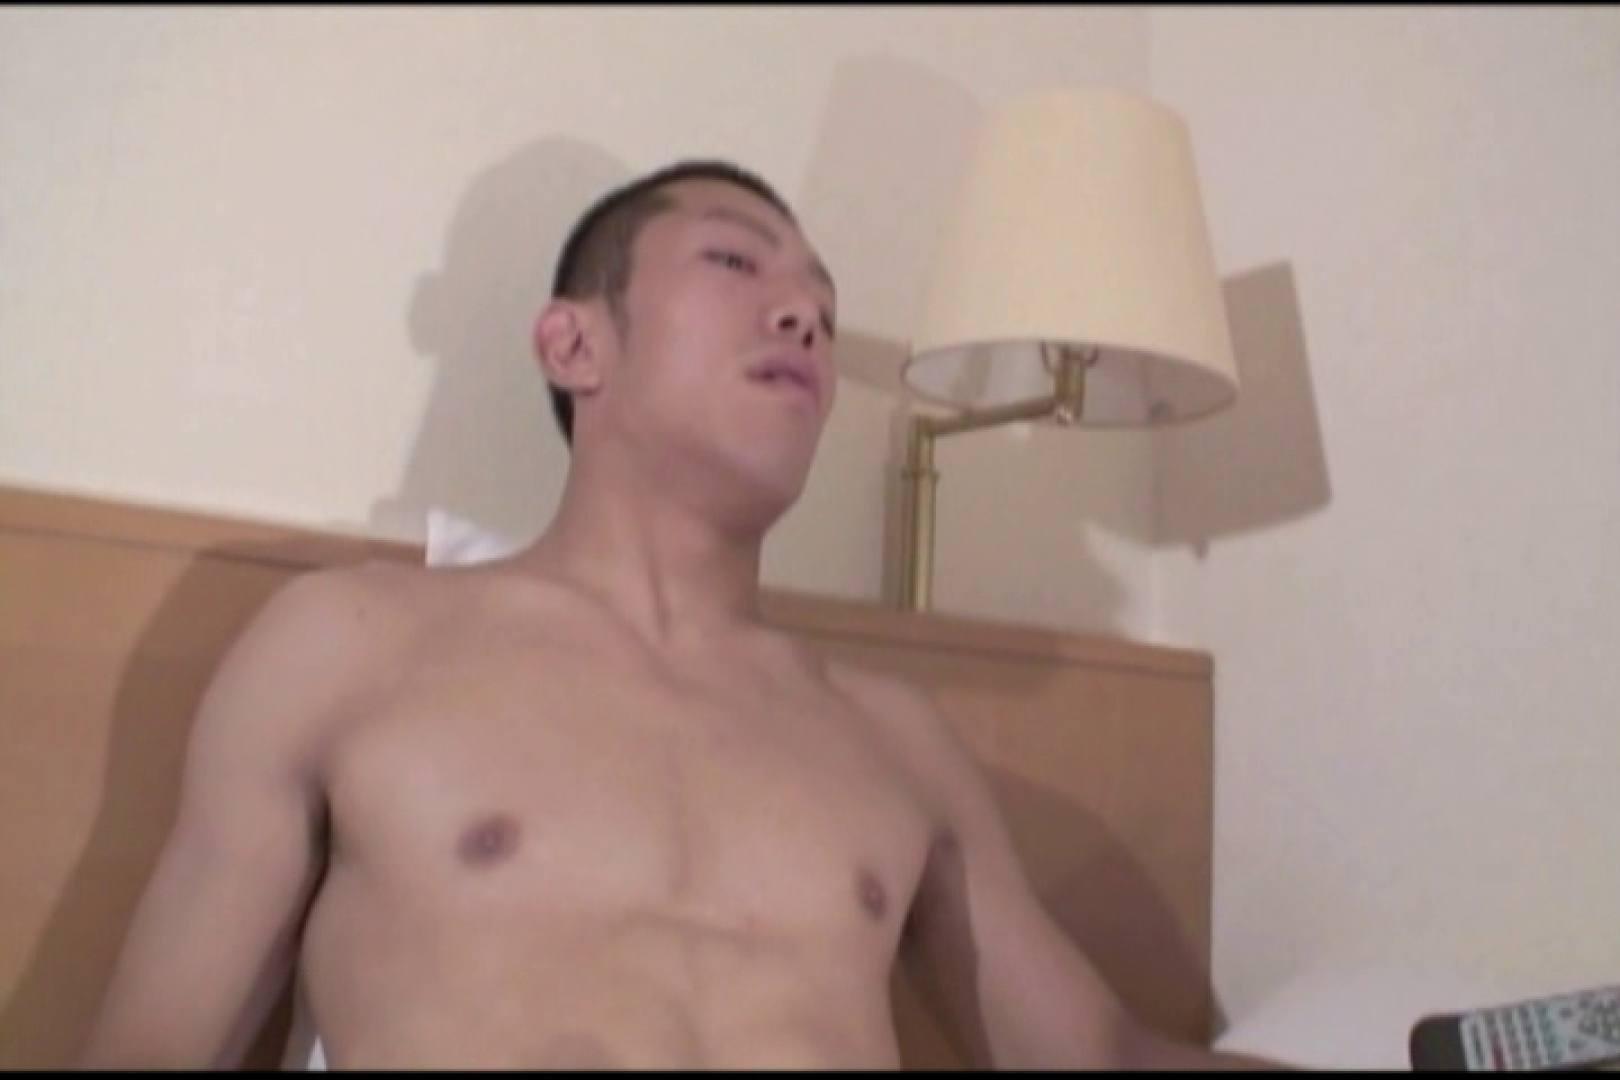 アナPさん投稿!目がパッチリなイケメンサル系男子の昇天劇。 完全無修正でお届け | イケメンのsex  107pic 24